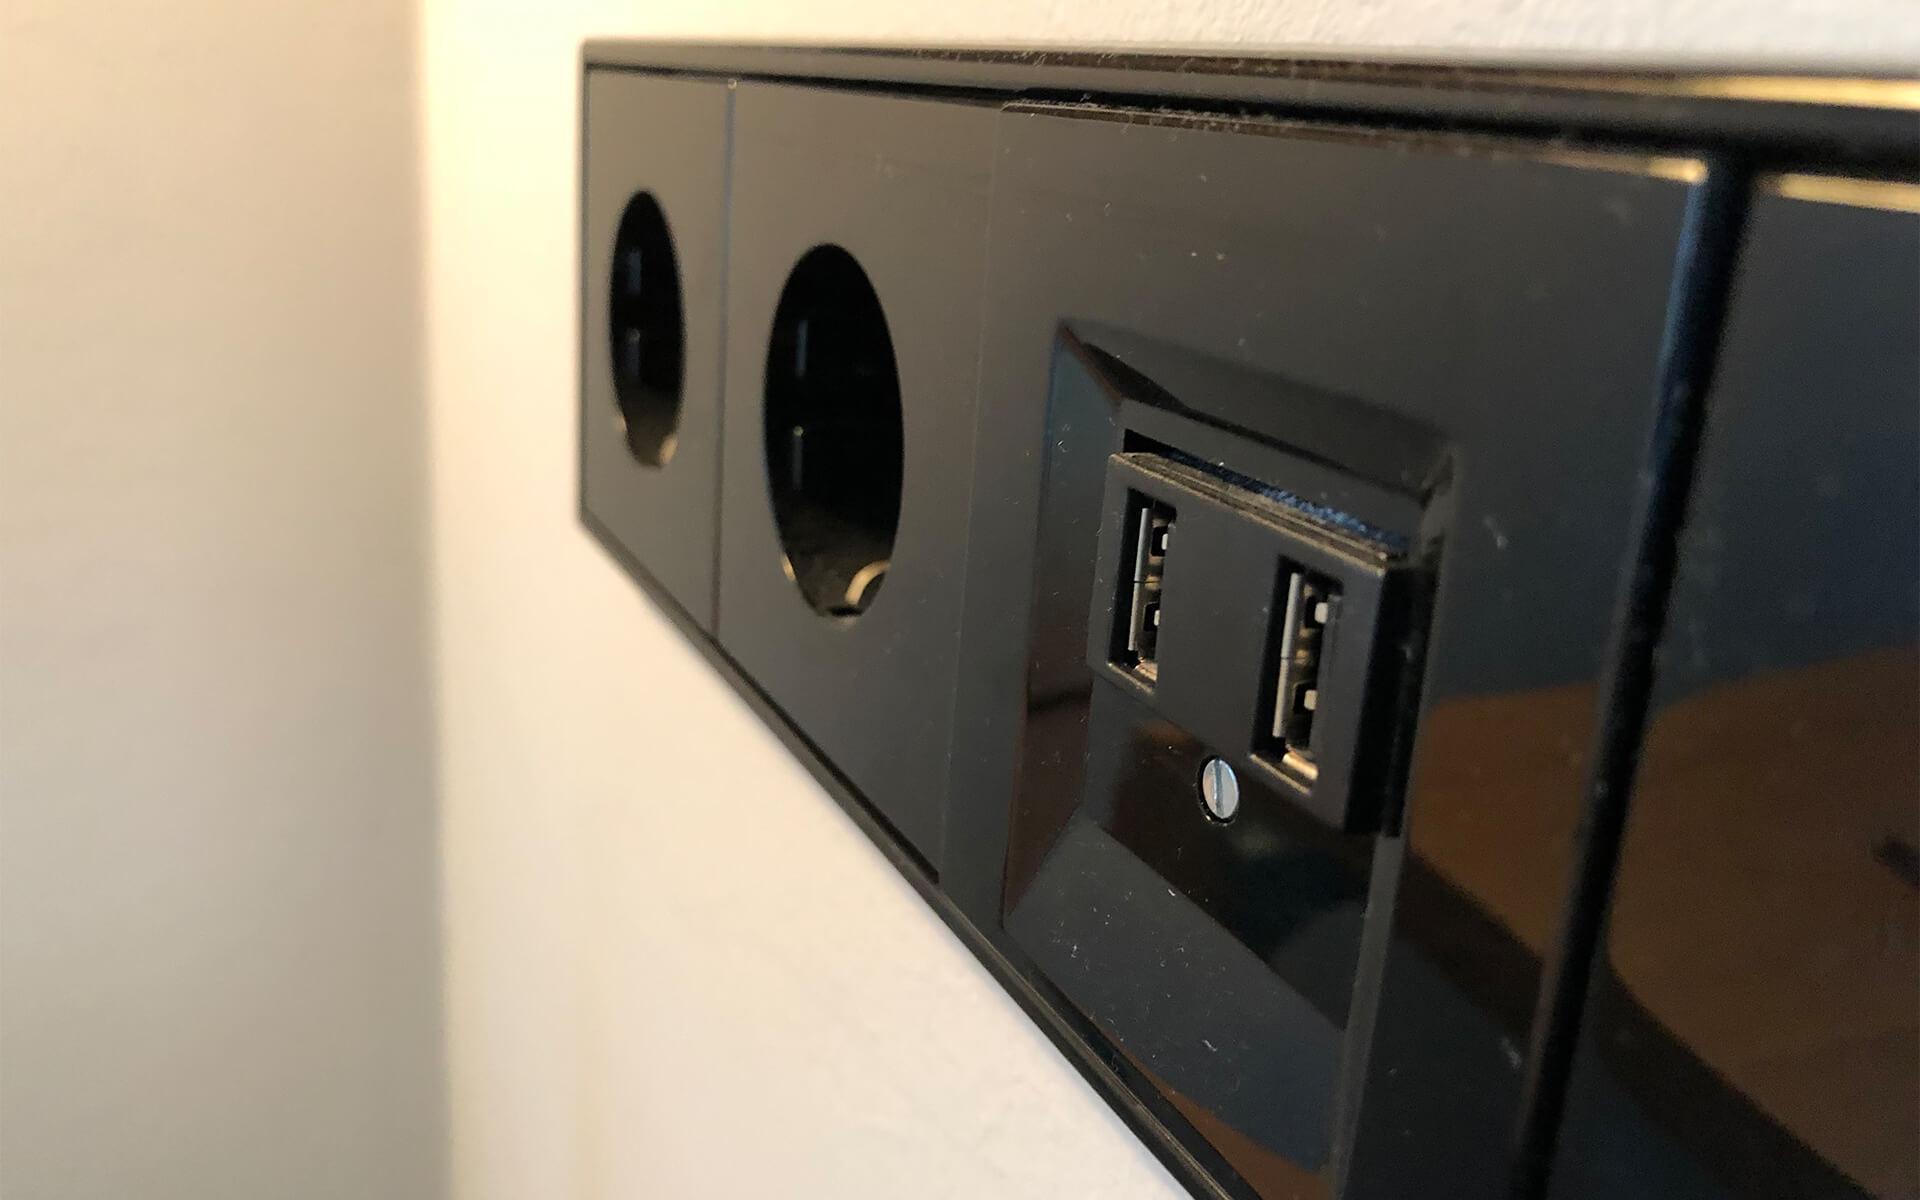 Neben den Standardstromanschlüssen bietet diese Steckdosenleiste auch USB-Ports